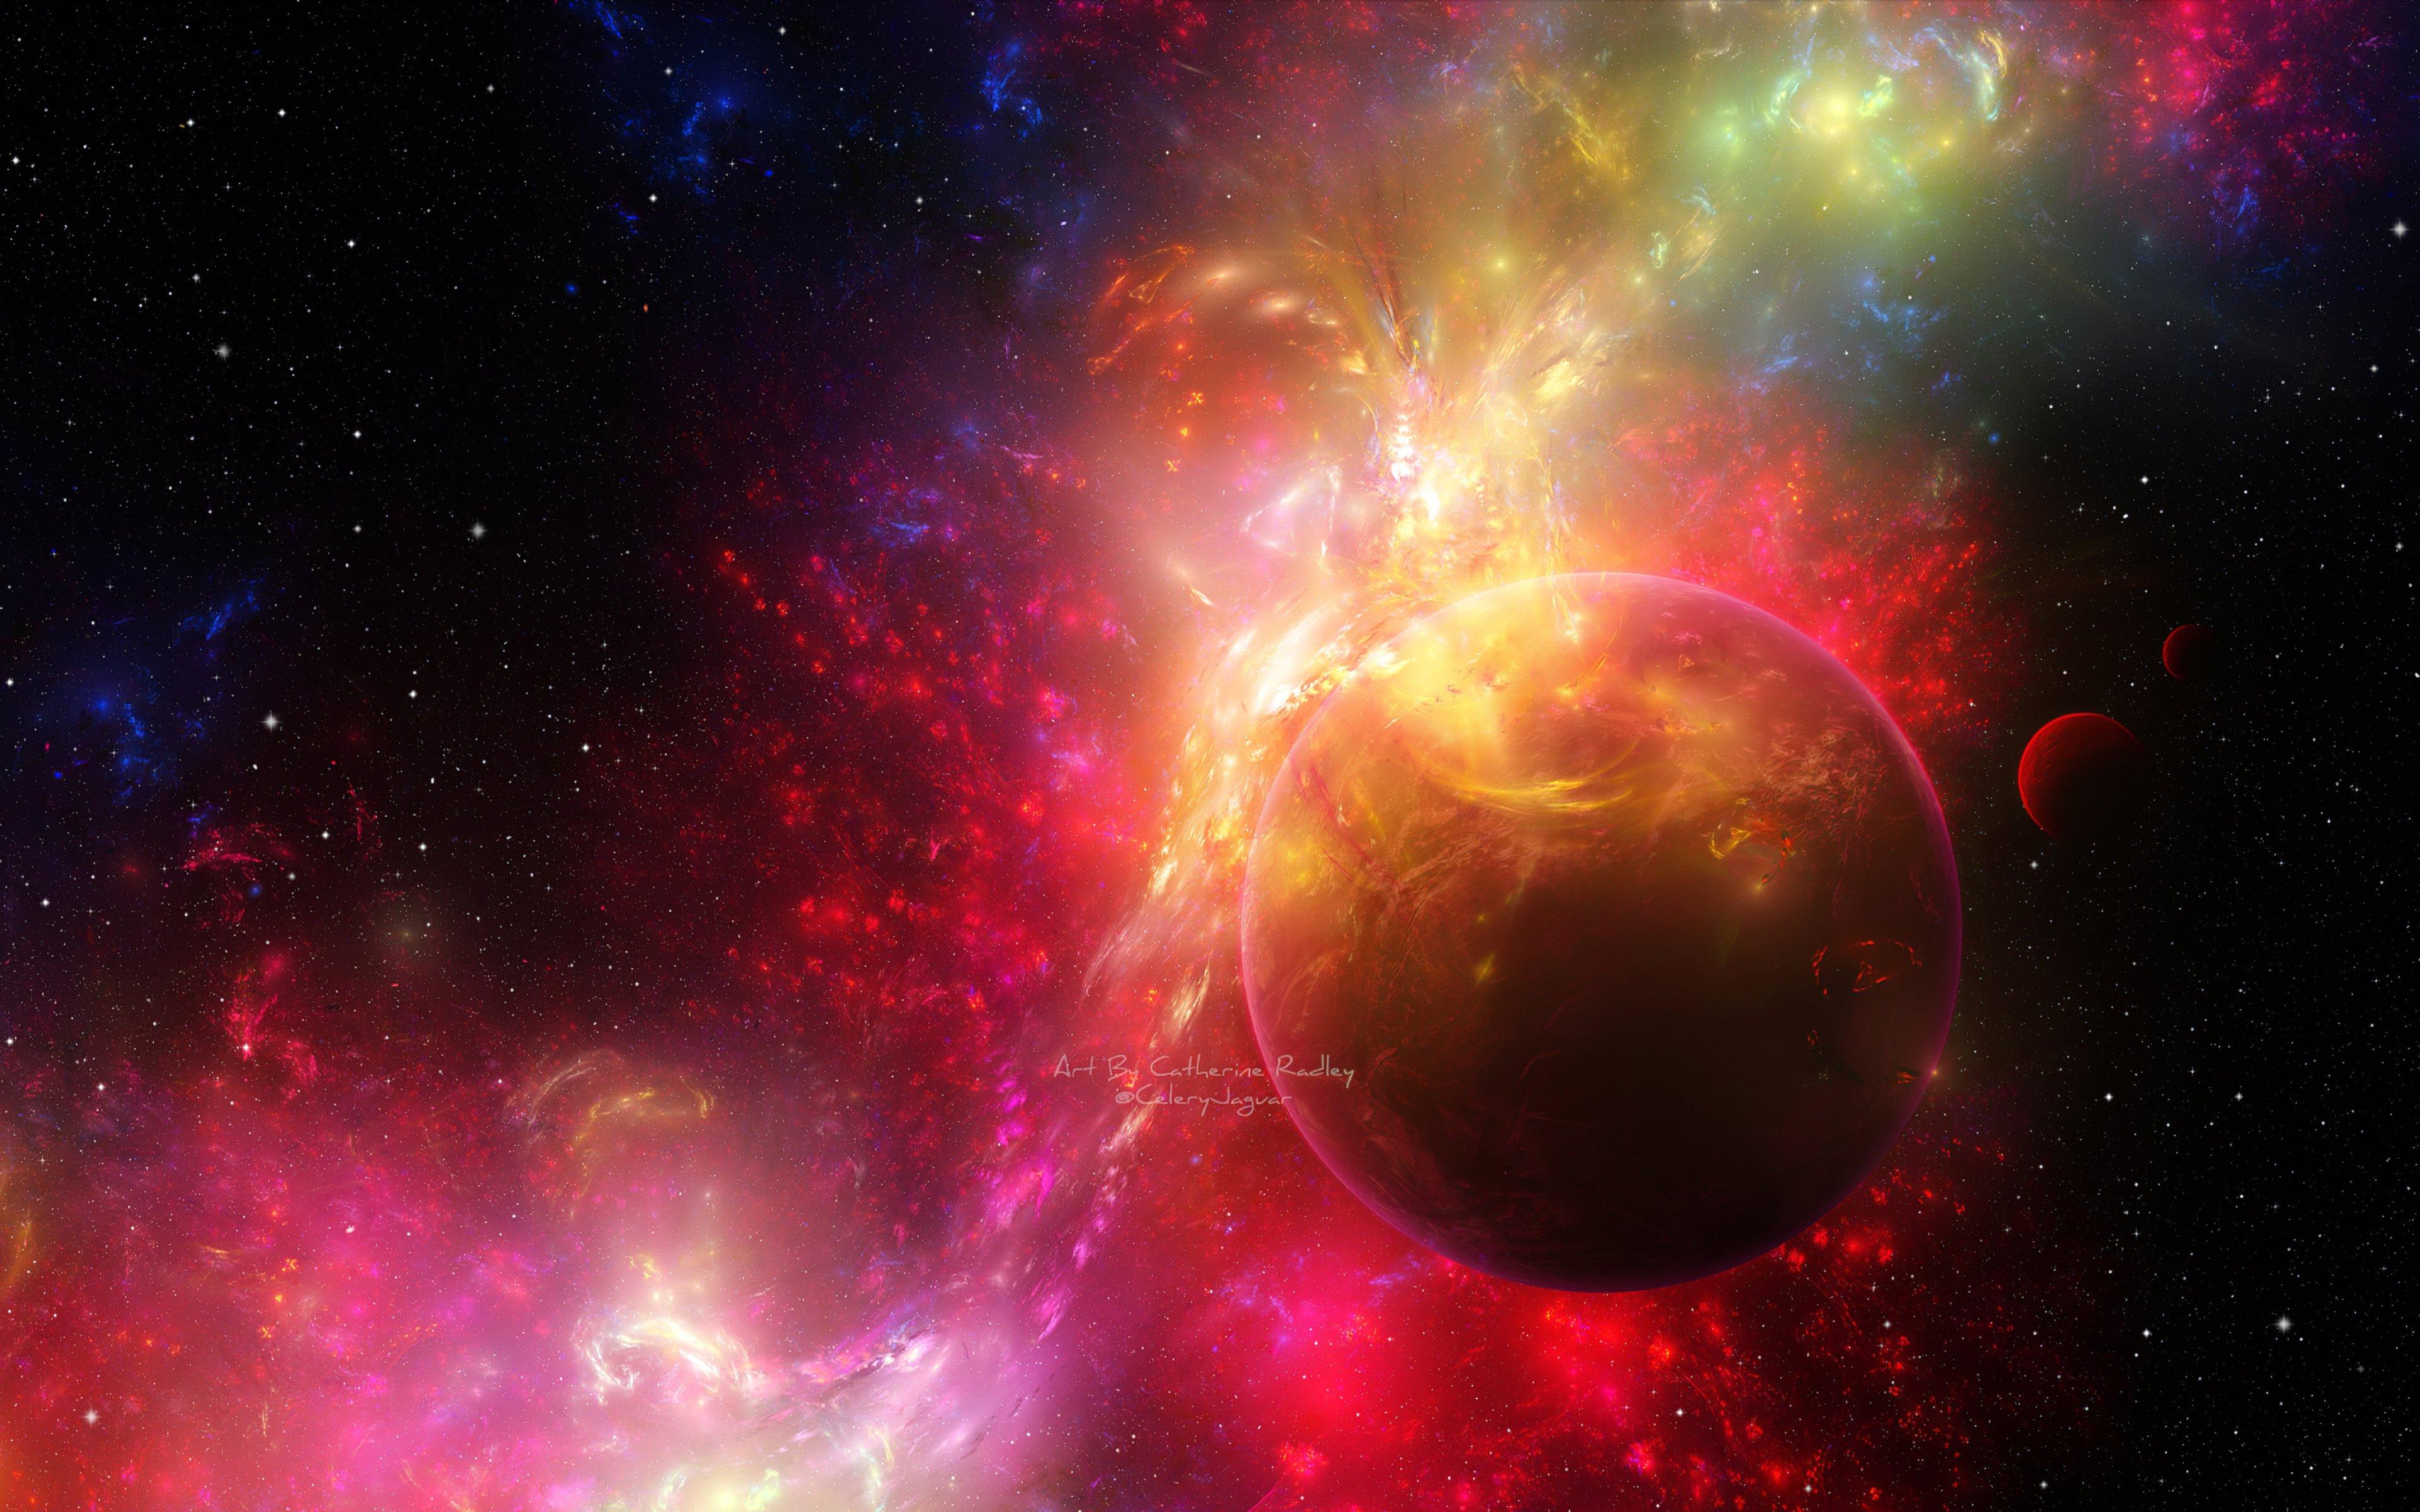 Nebula Around Planet Wallpaper 4k Ultra Hd Id4443